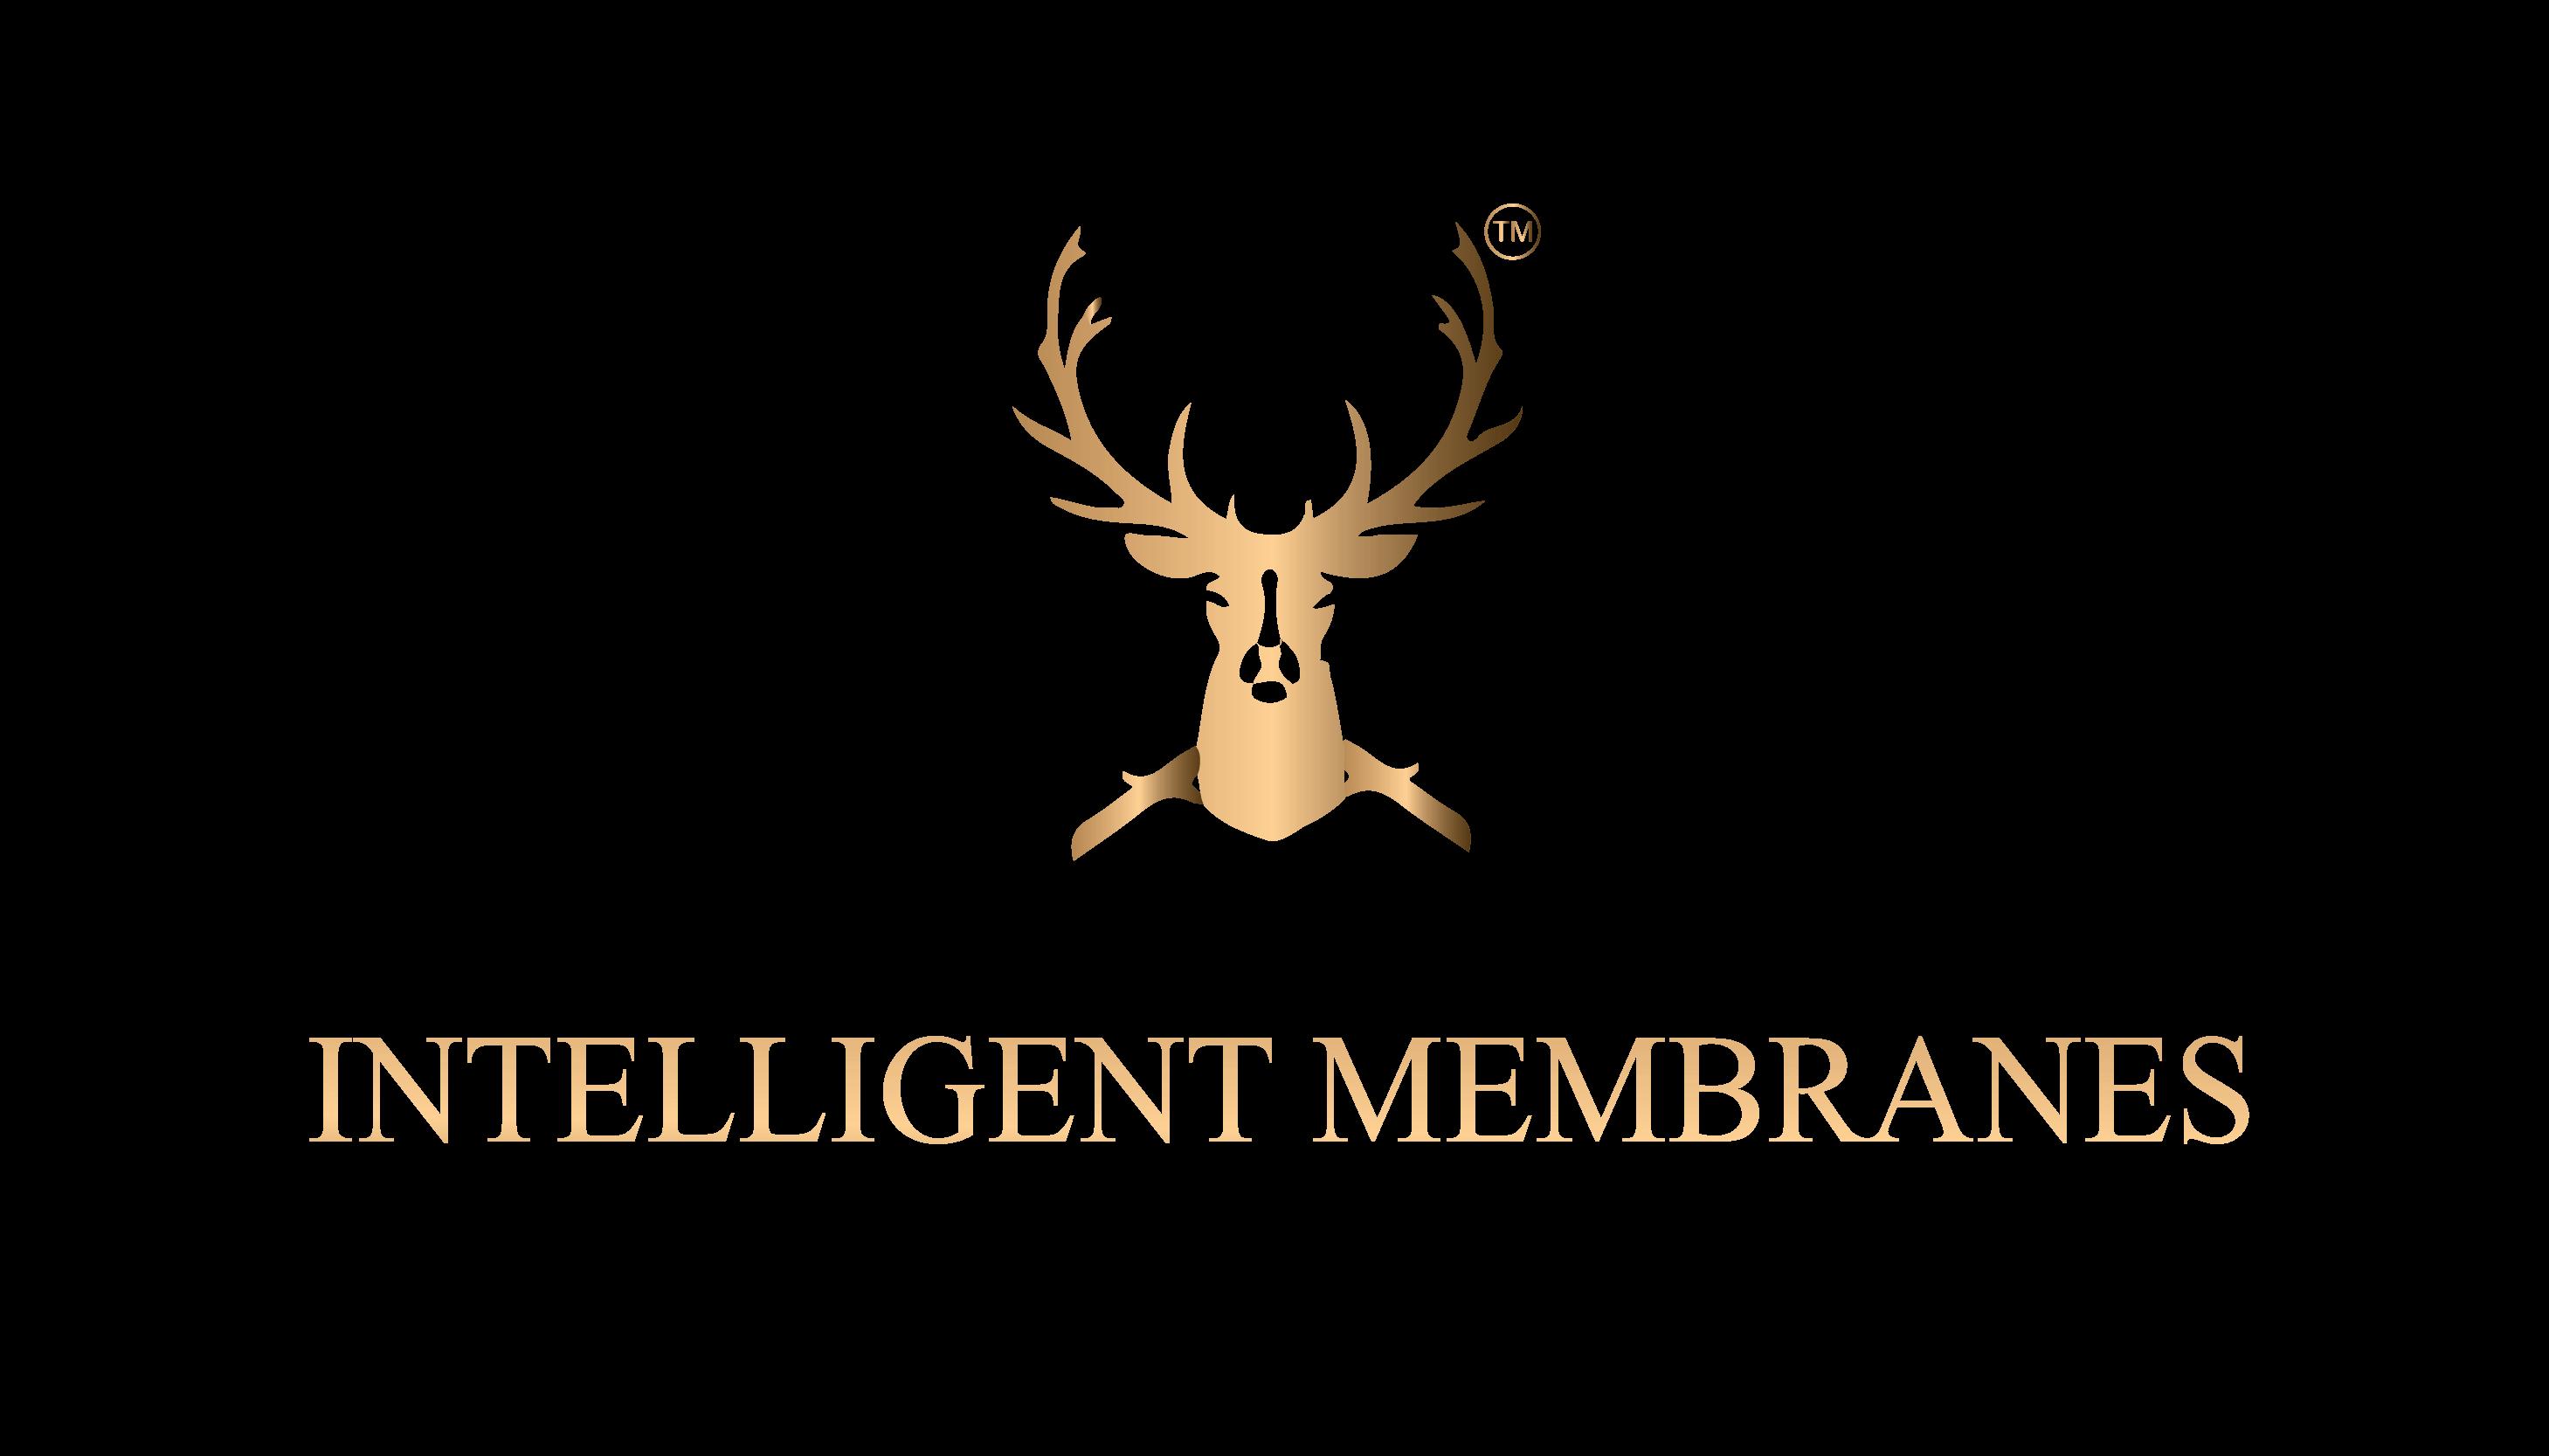 www.intelligentmembranes.co.uk